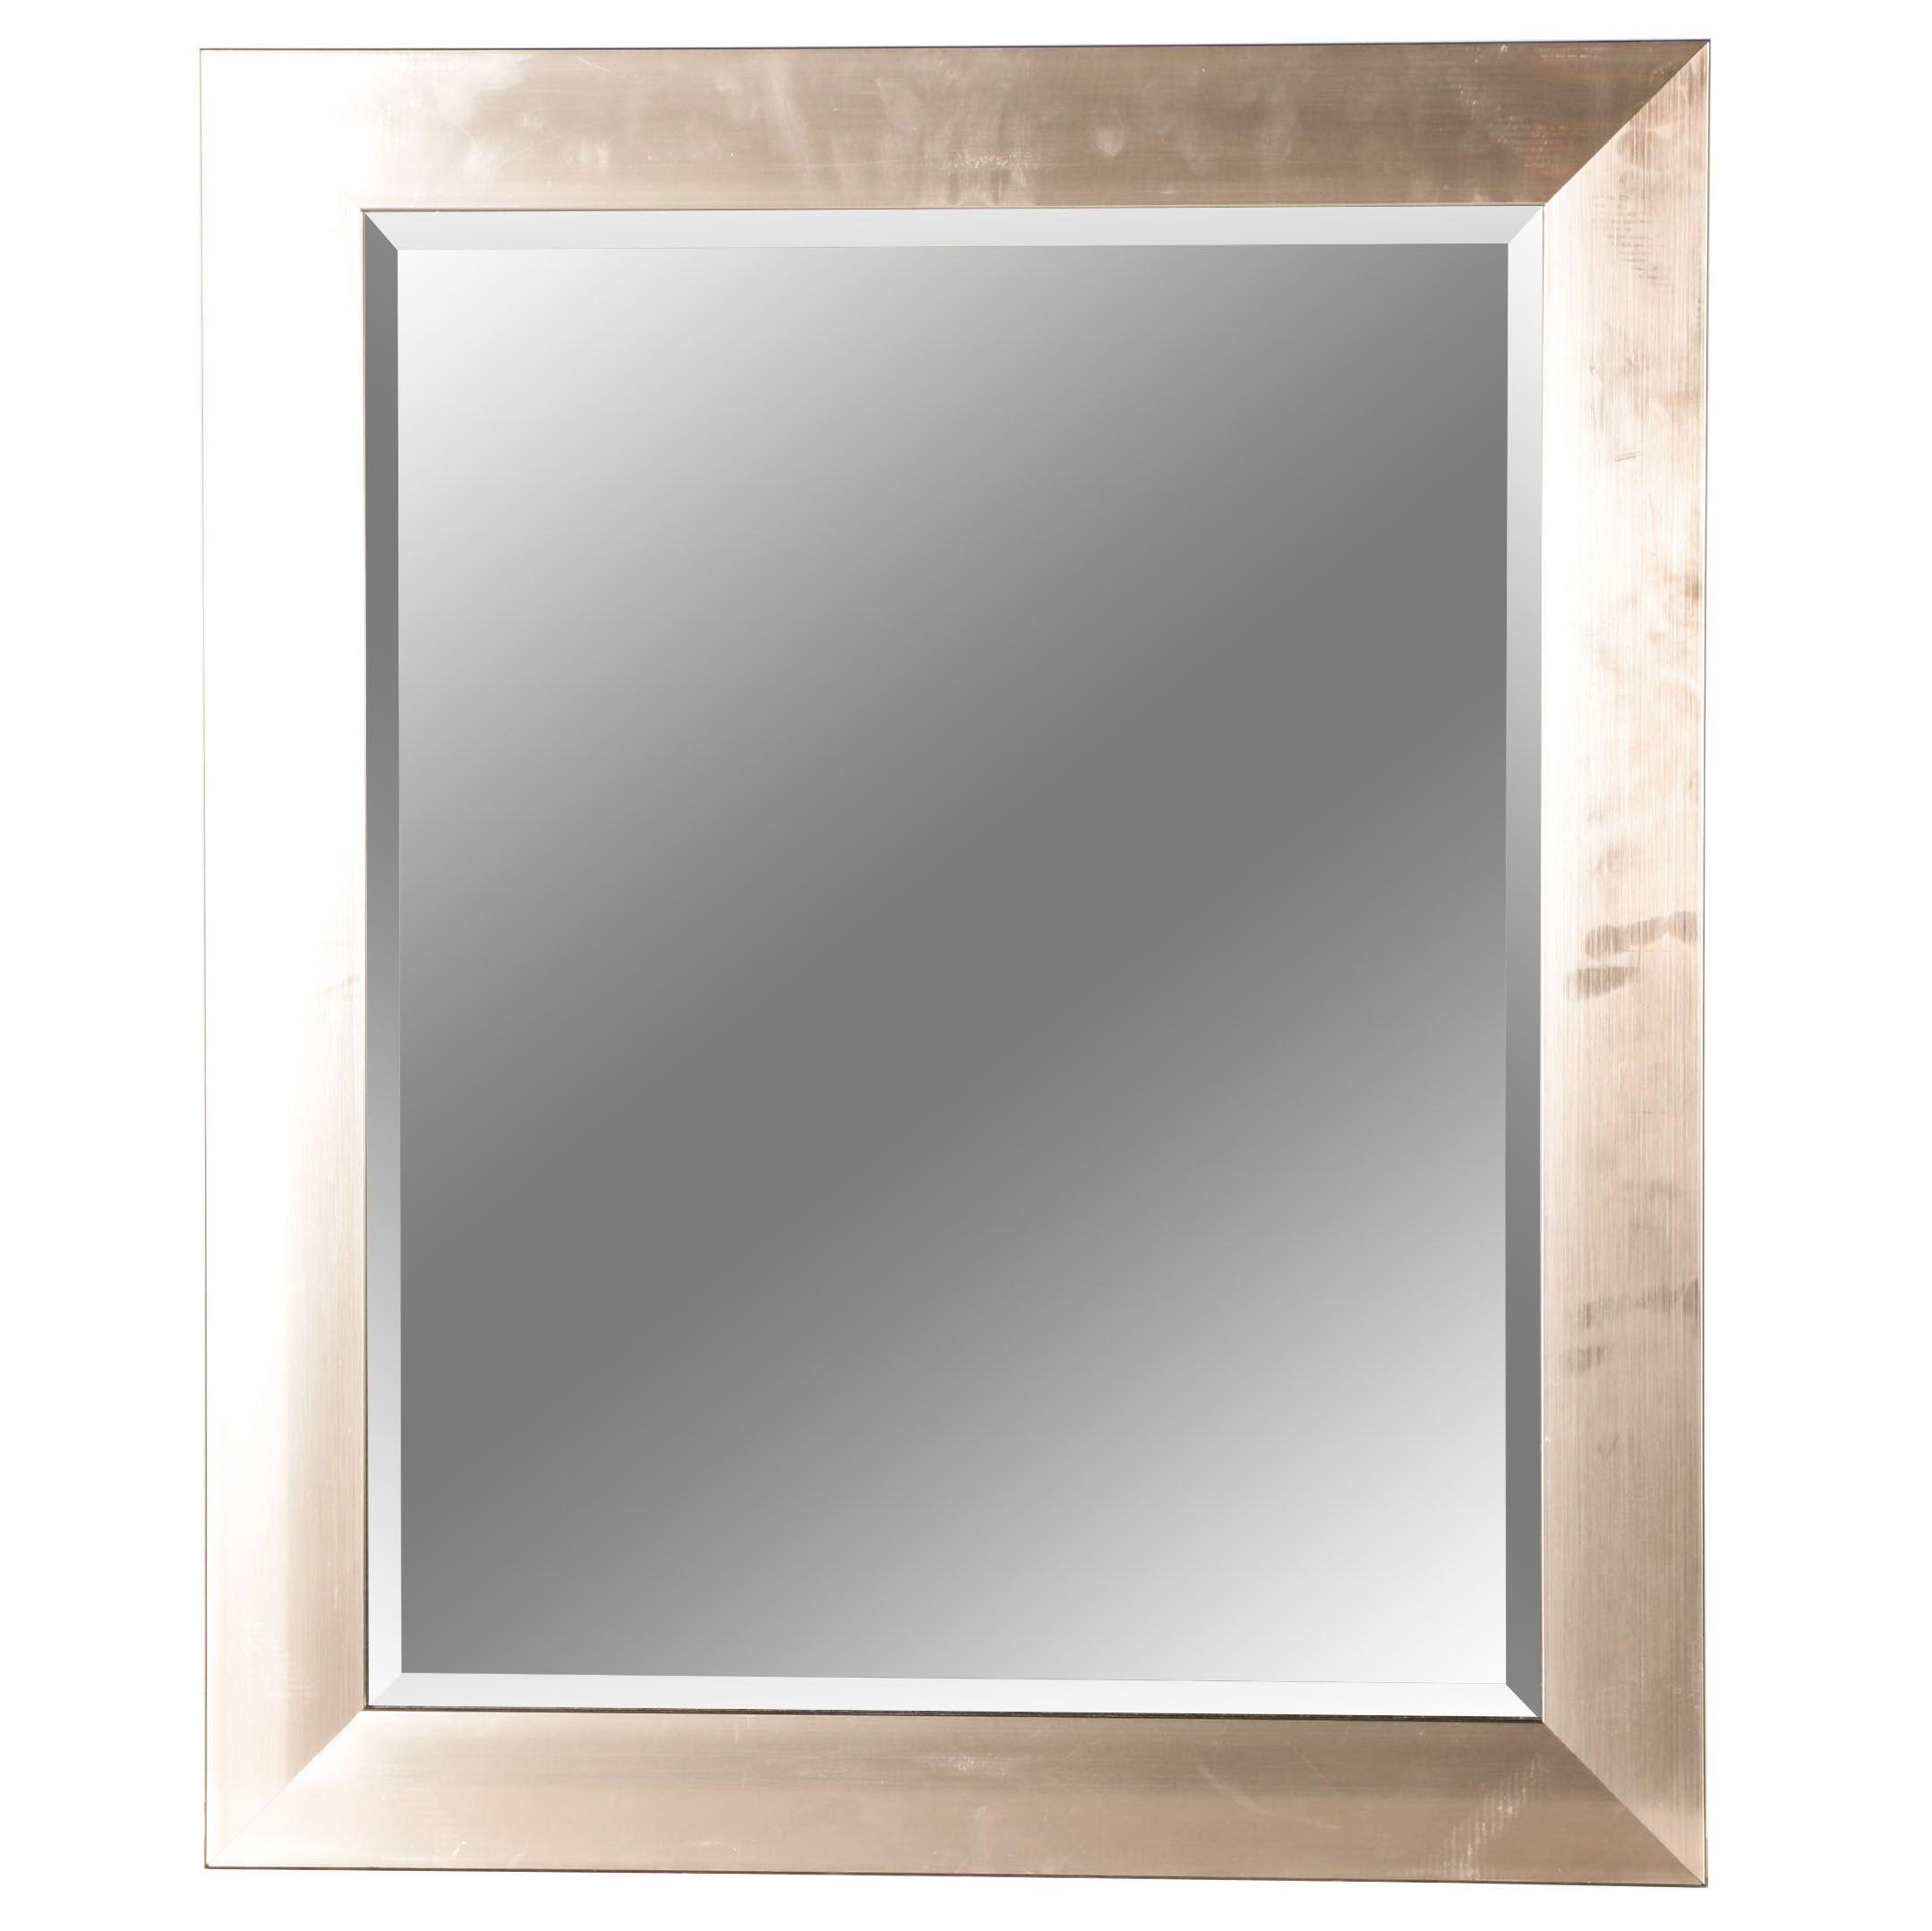 Silver Tone  Framed Wall Mirror